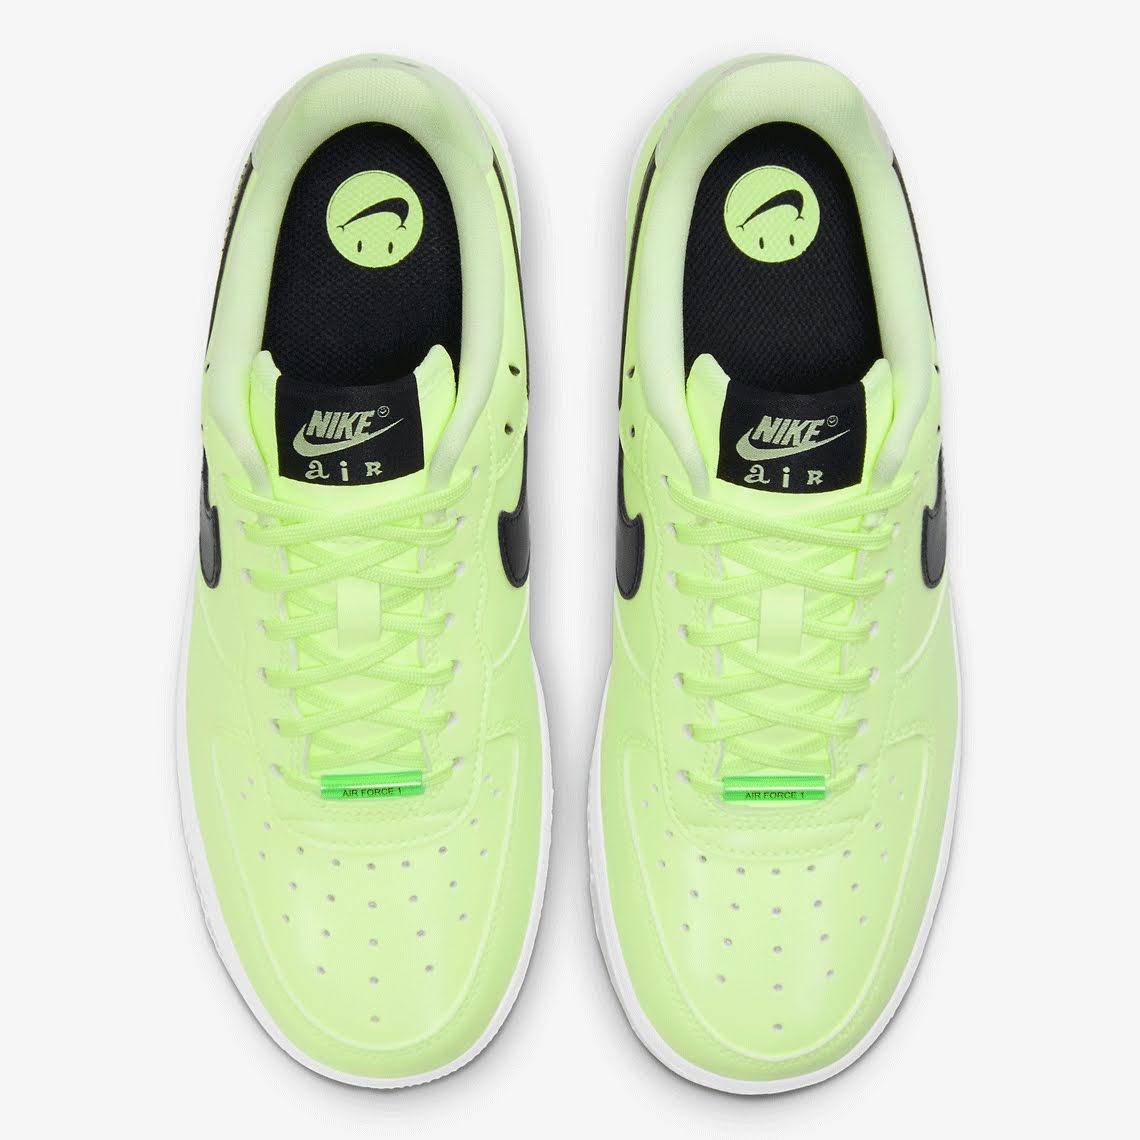 ナイキ エア フォース 1 ハブ ア ナイキ デー グロー イン ザ ダーク グリーン Nike-Air-Force-1-glow-in-the-dark-have-a-nike-day-CT3228-701 top